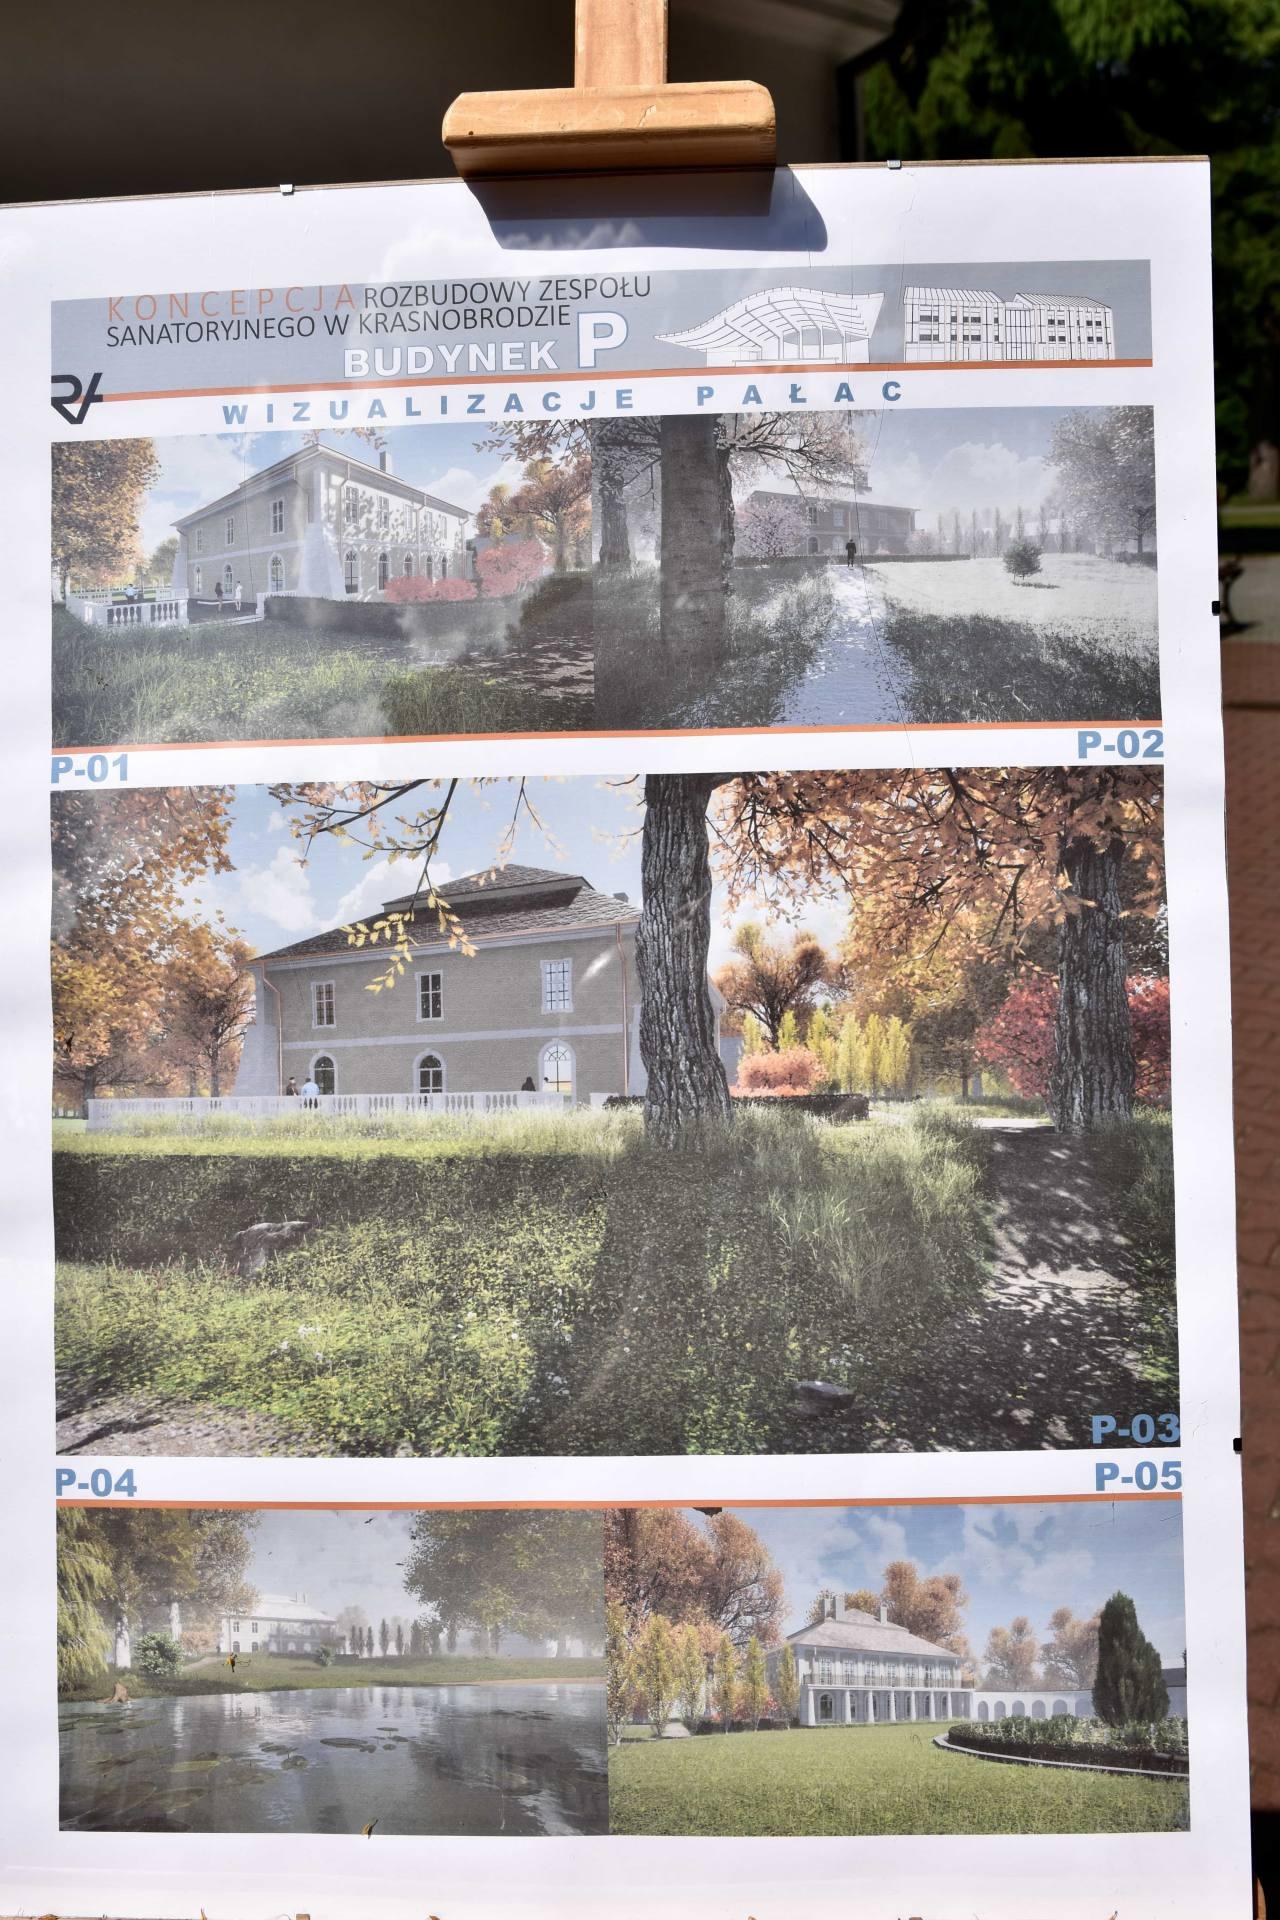 dsc 7387 Za 80 mln zł rozbudowane zostanie sanatorium w Krasnobrodzie.